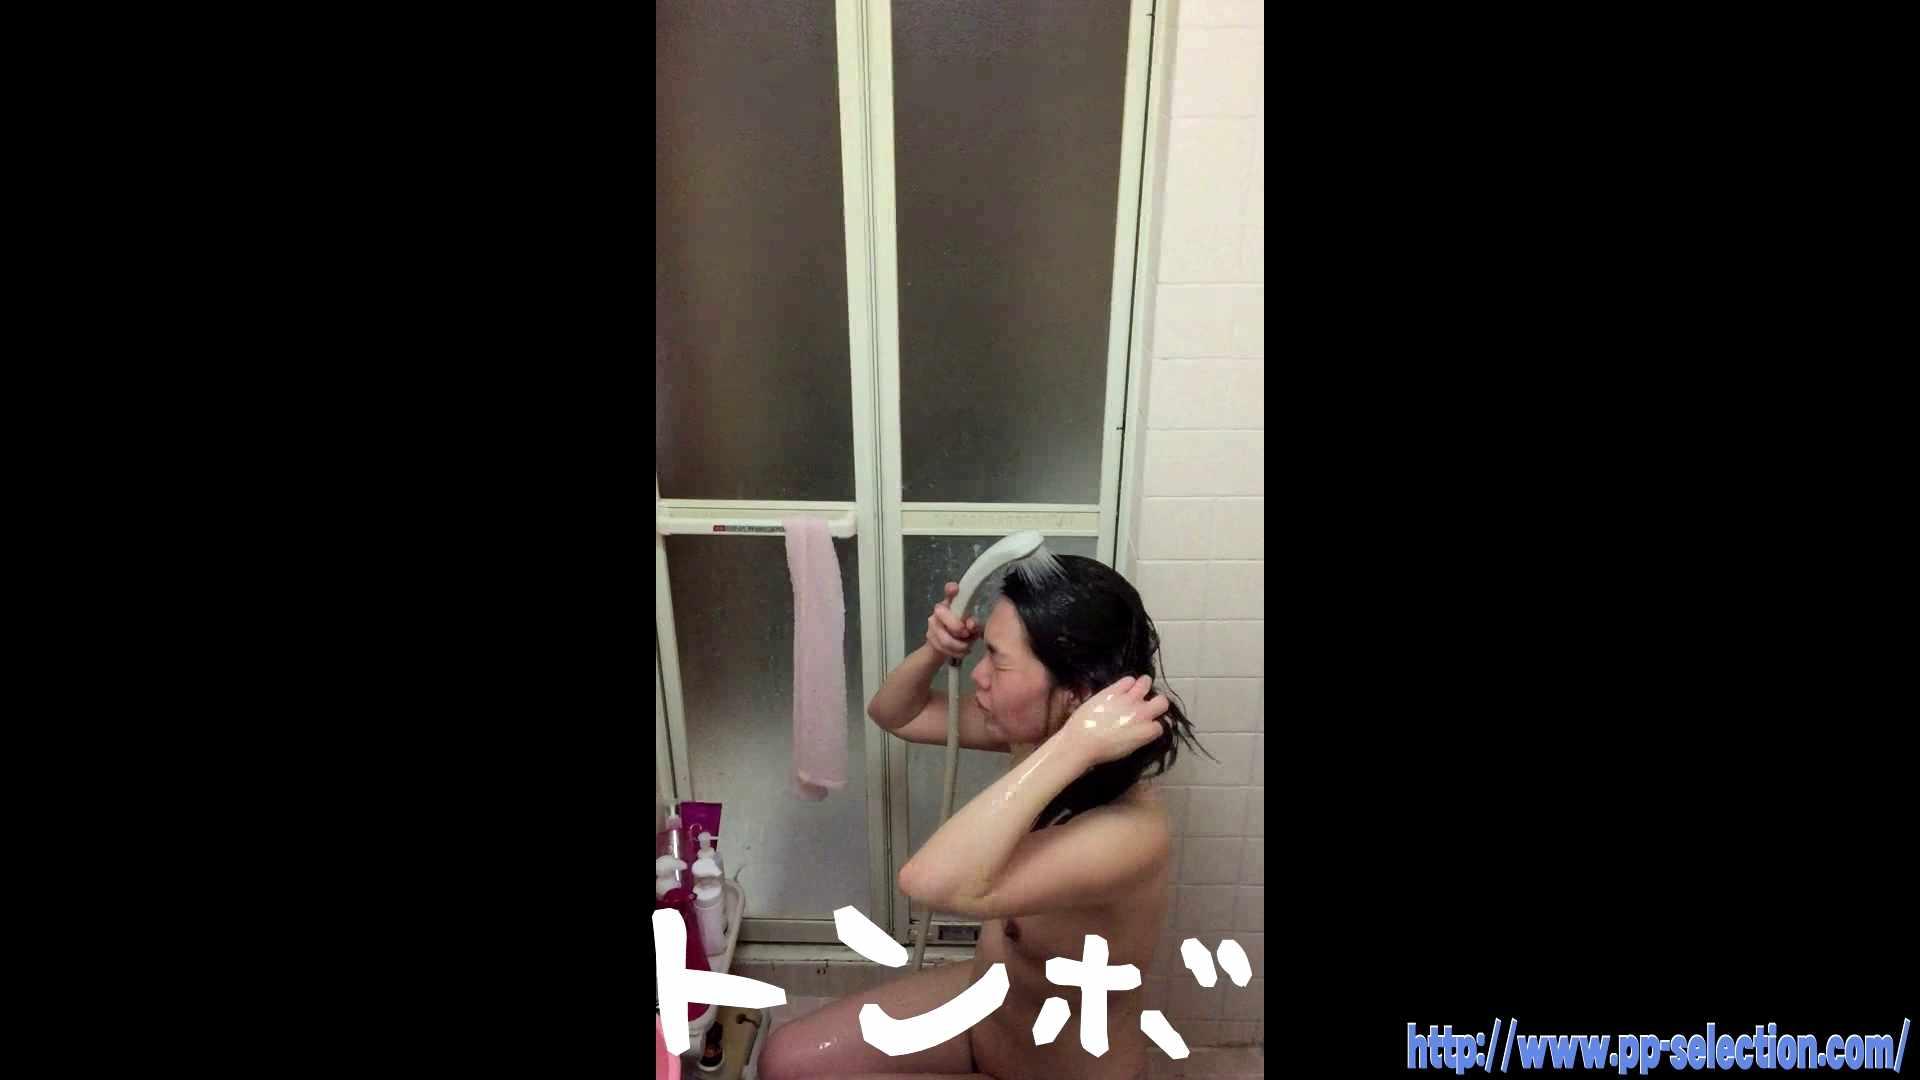 美女達の私生活に潜入!魅力的な熟女の入浴!! 美女 覗きぱこり動画紹介 70pic 14